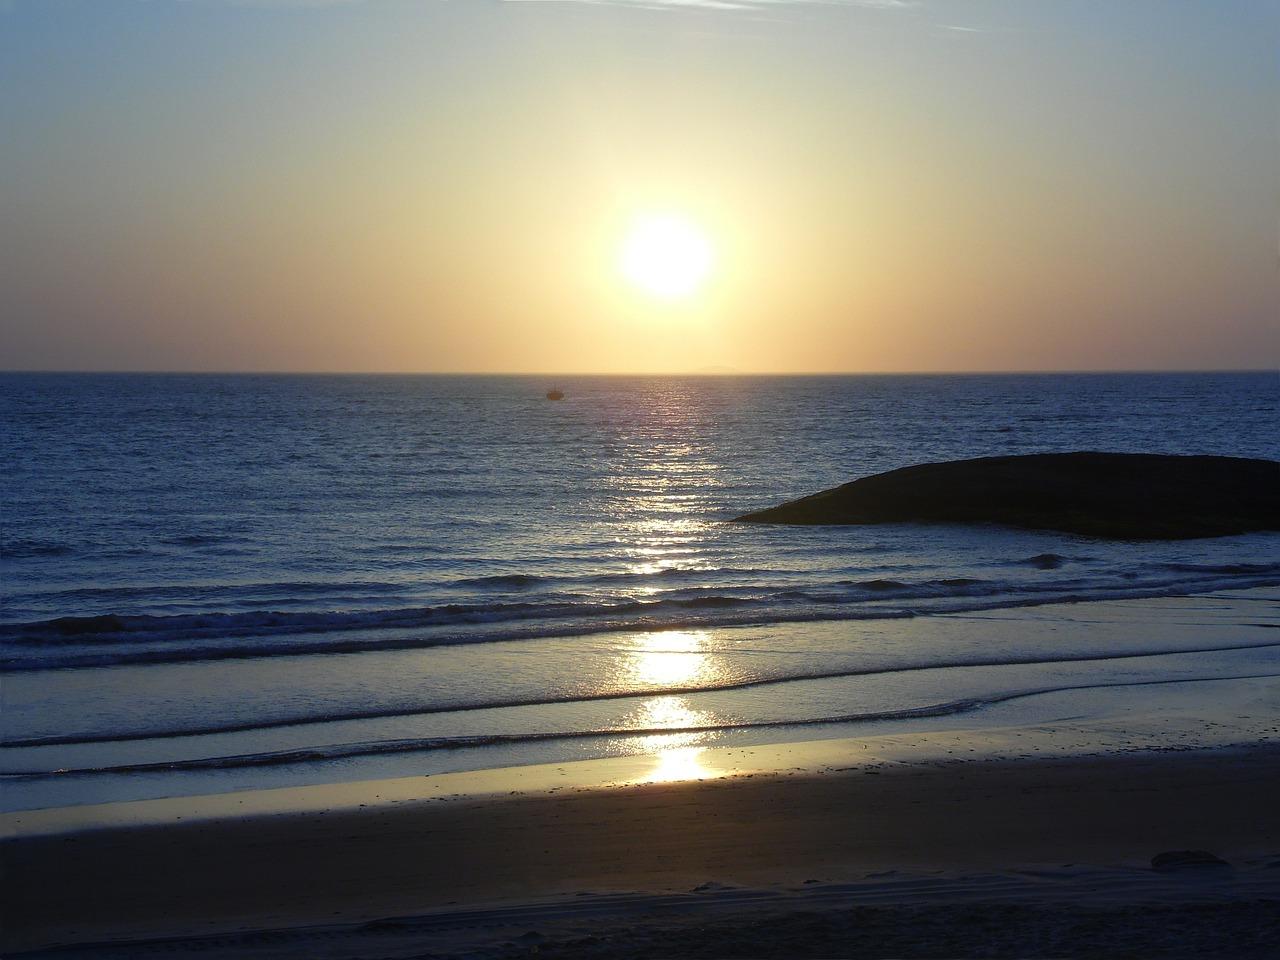 sunrise-577238_1280